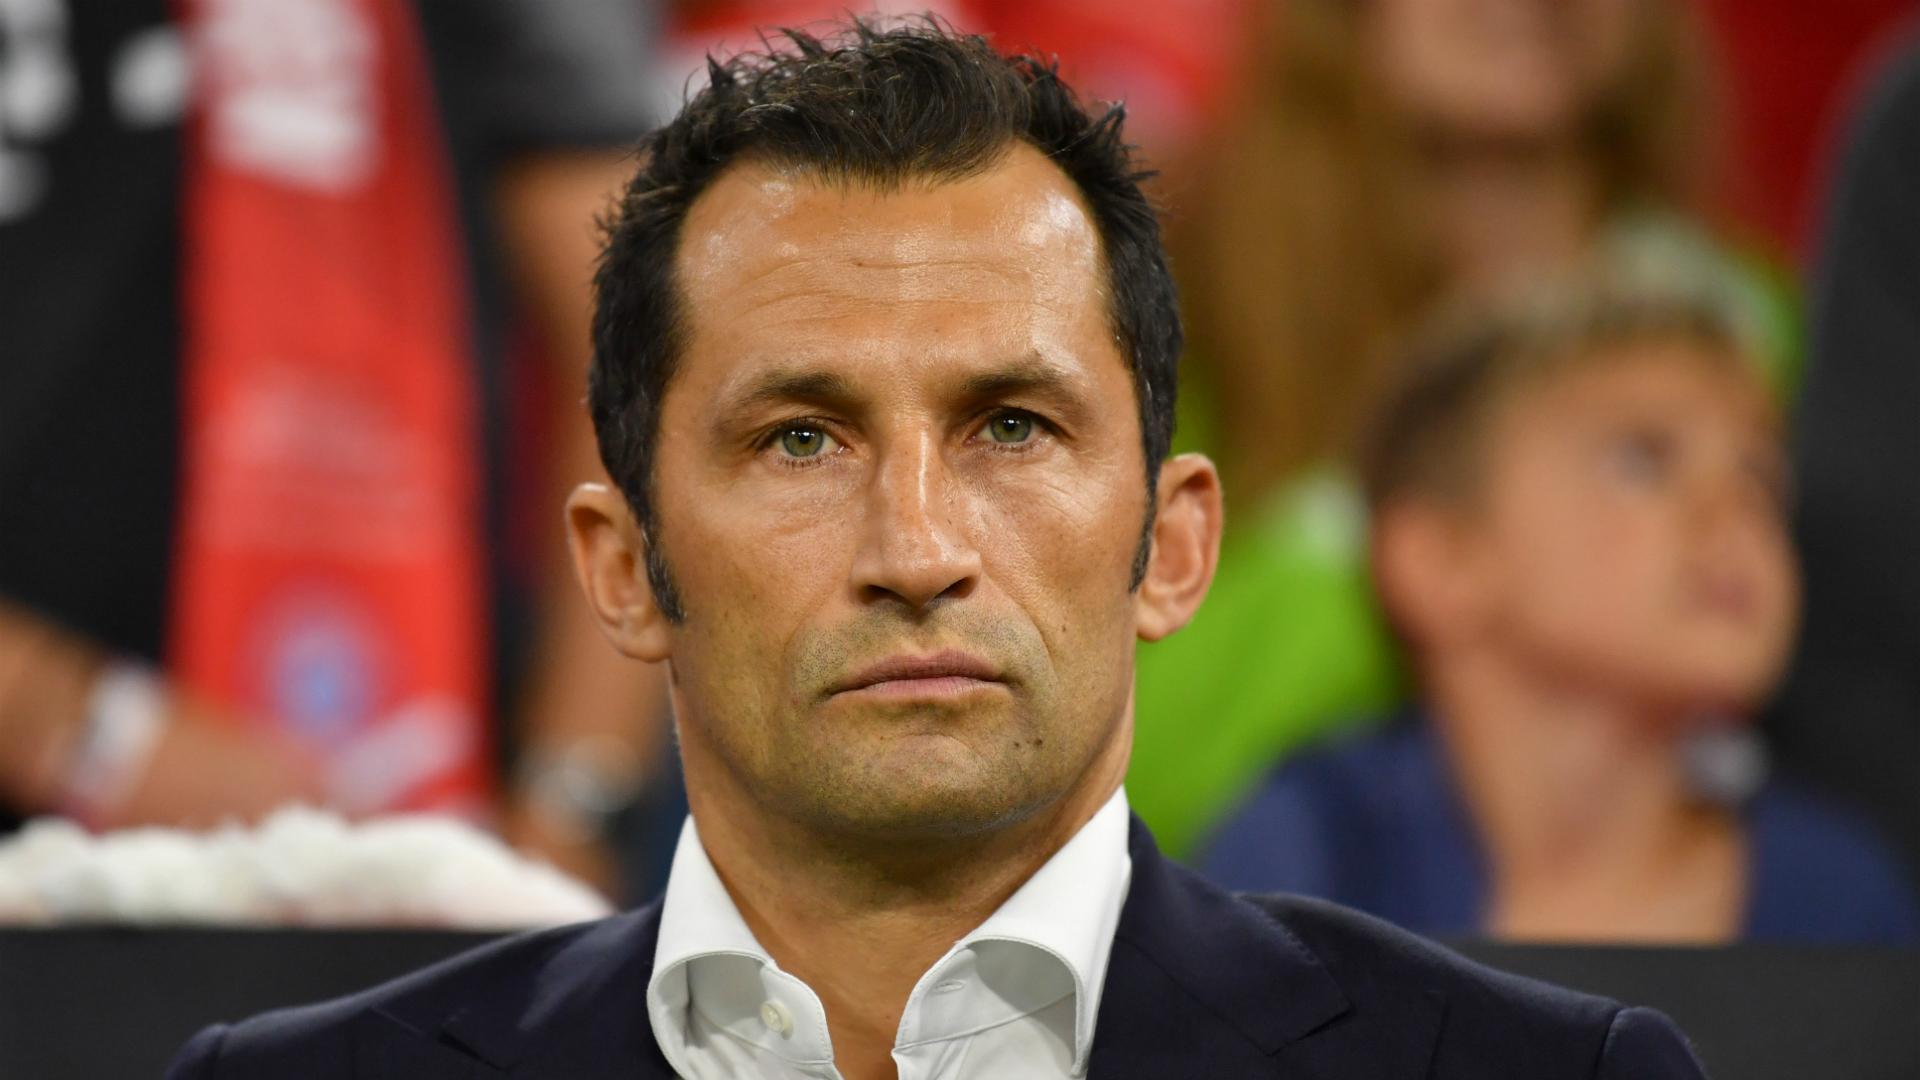 Salihamidzic promoted to Bayern Munich board